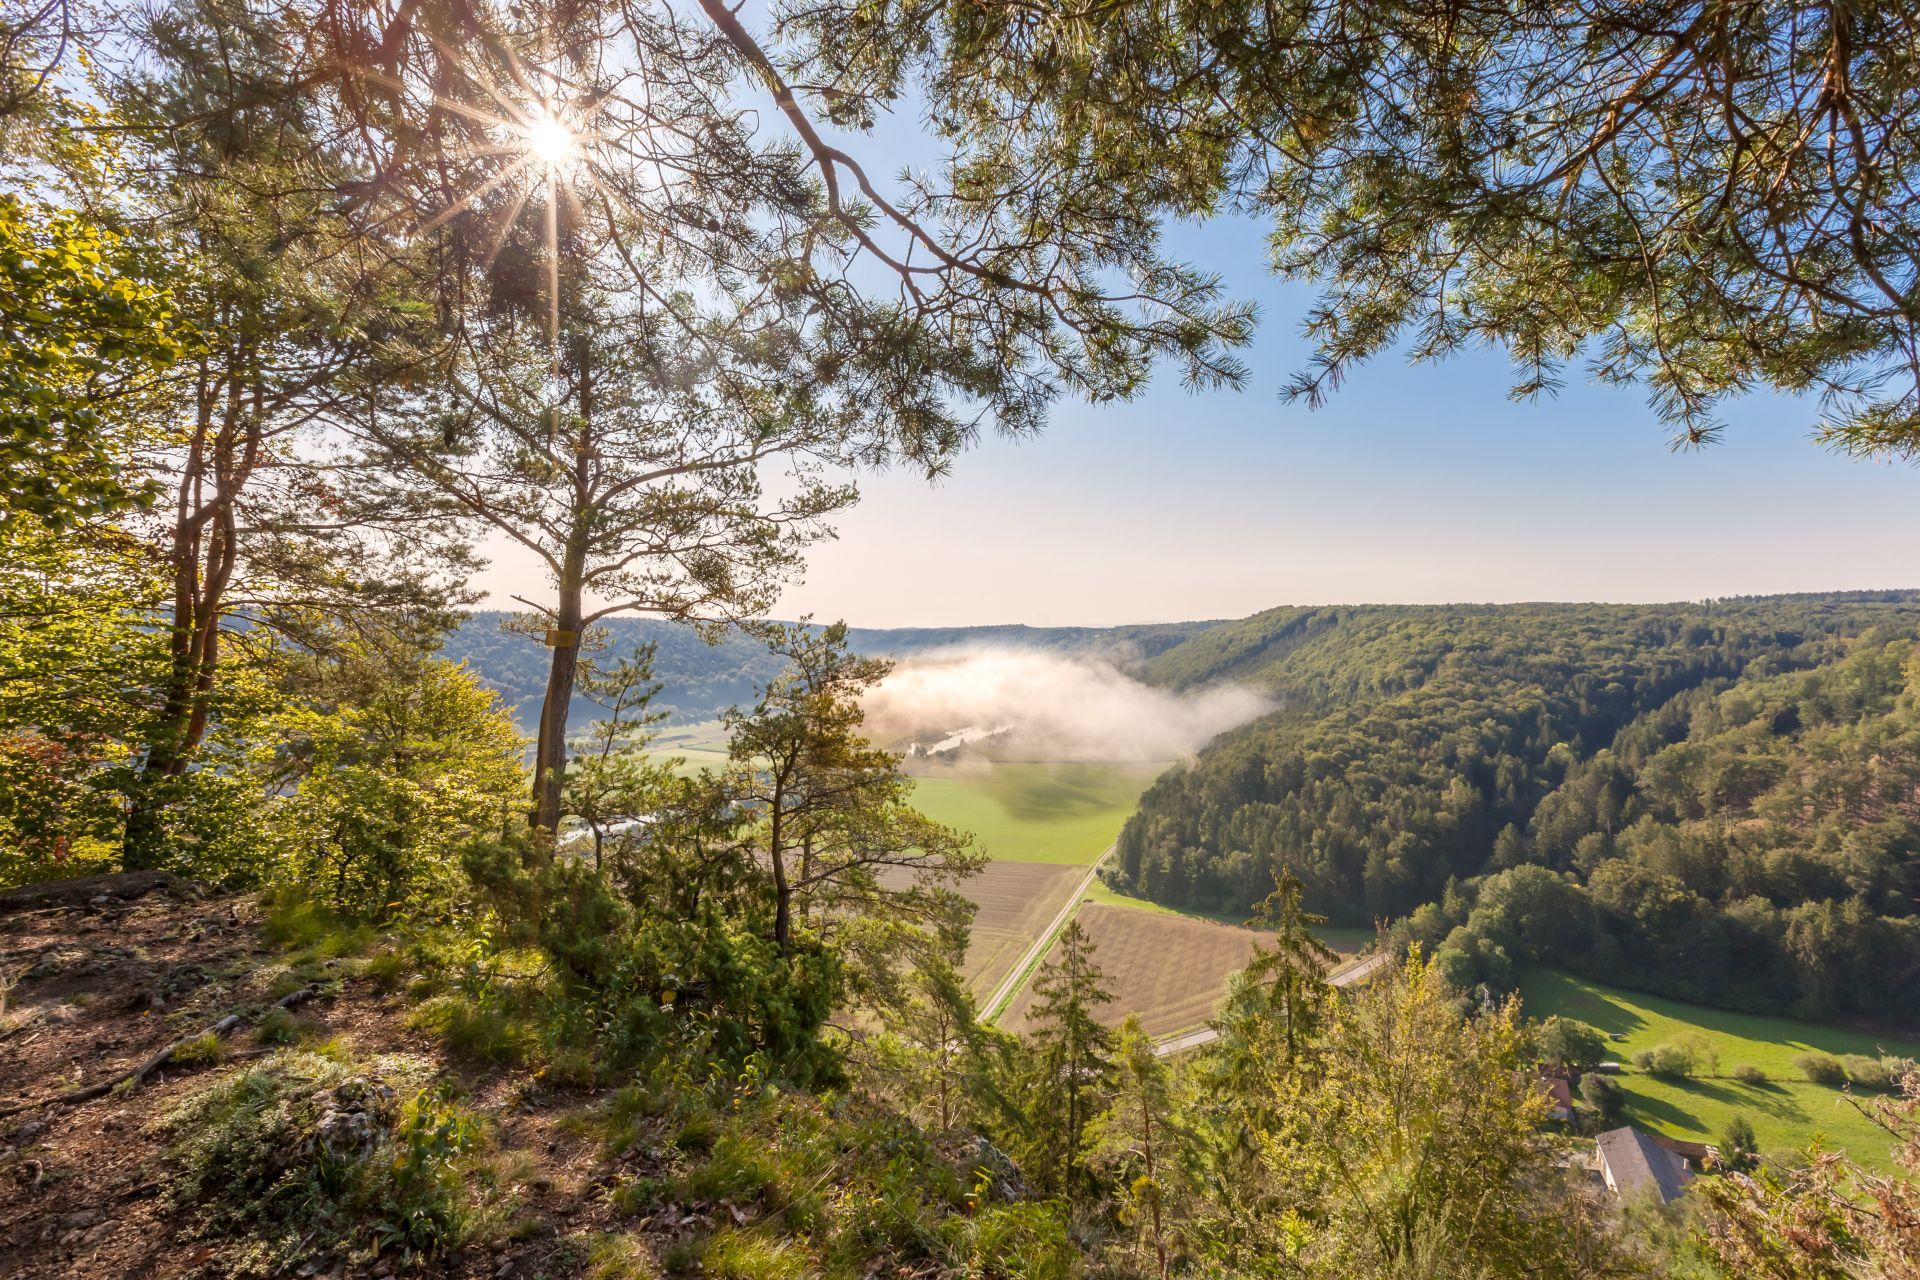 Aussichtspunkt Roßkopf bei Riedenburg